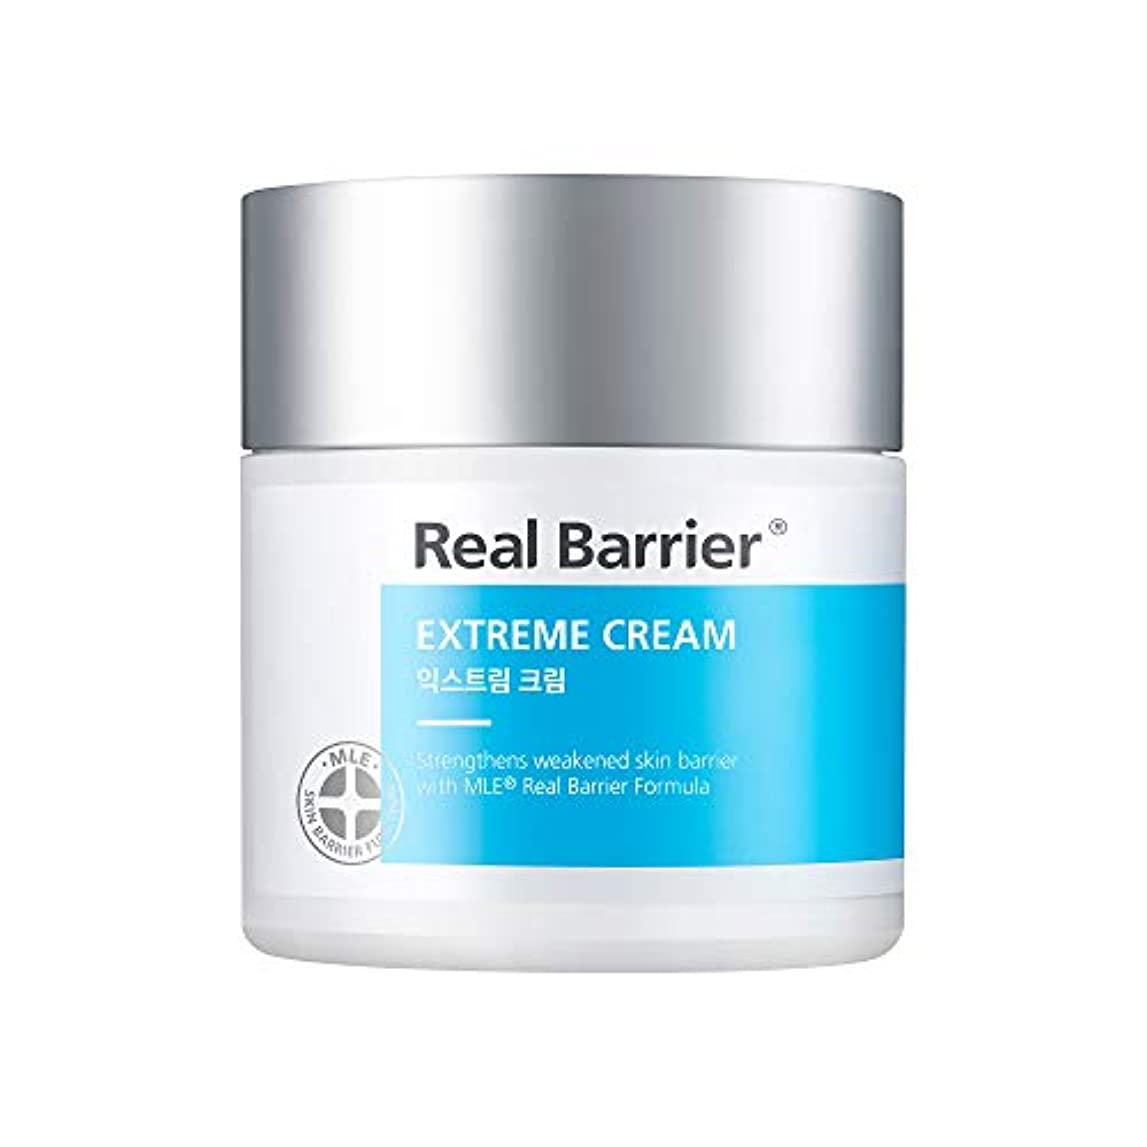 事ちなみに検出可能アトパーム(atopalm) リアルベリアエクストリームクリーム/Atopam Real Barrier Extreme Cream